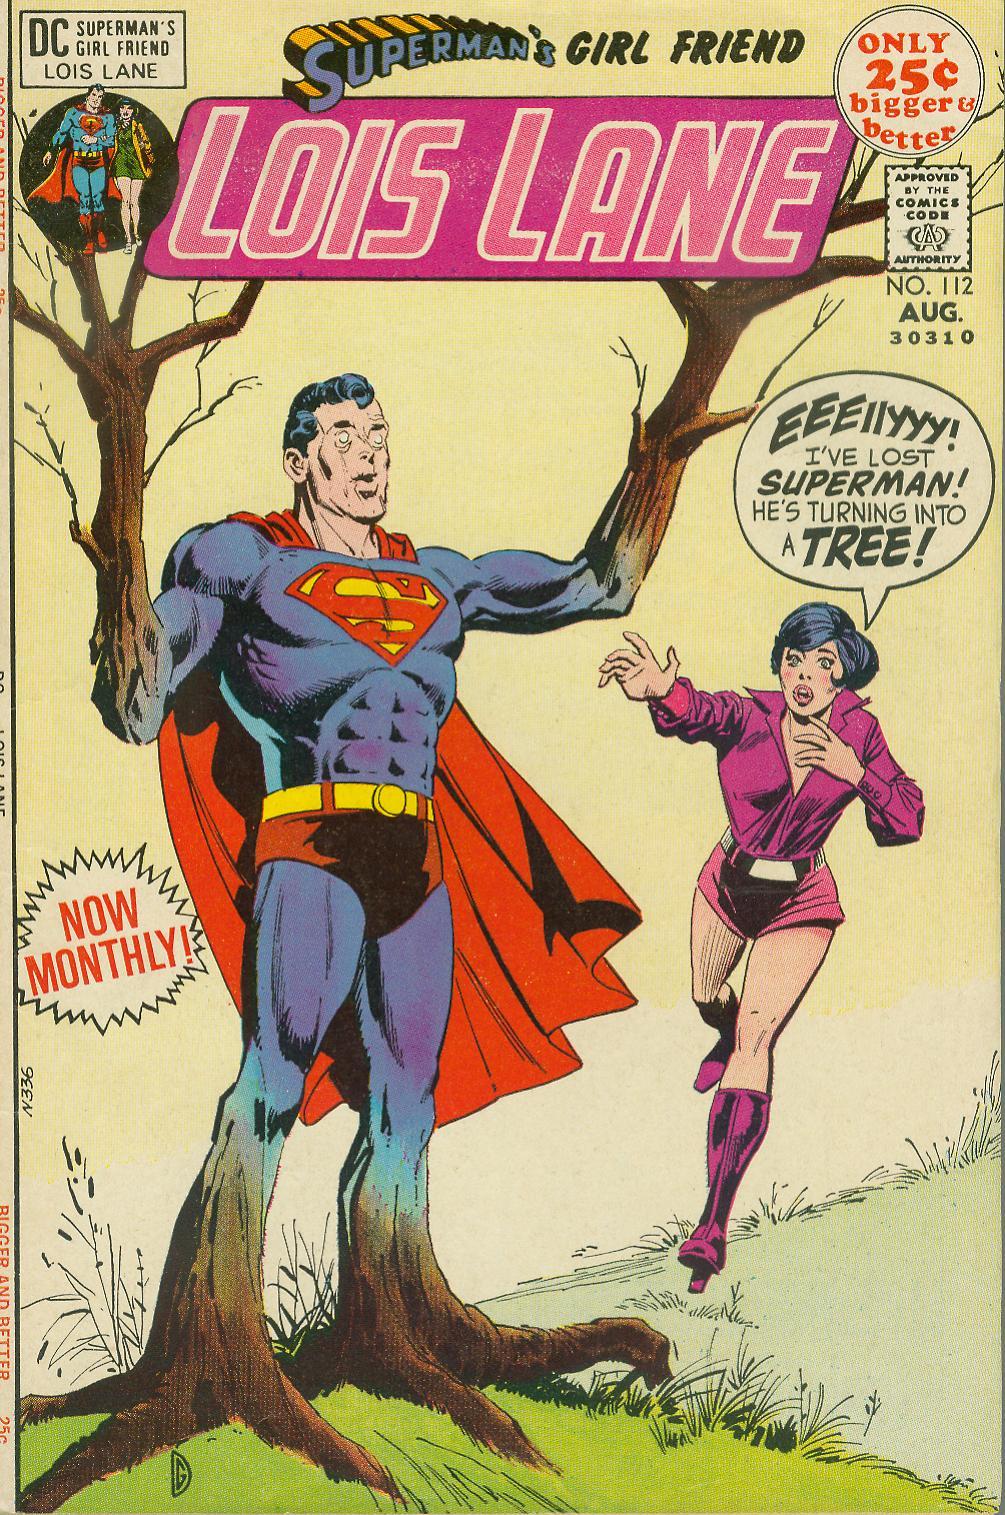 Supermans Girl Friend, Lois Lane 112 Page 1